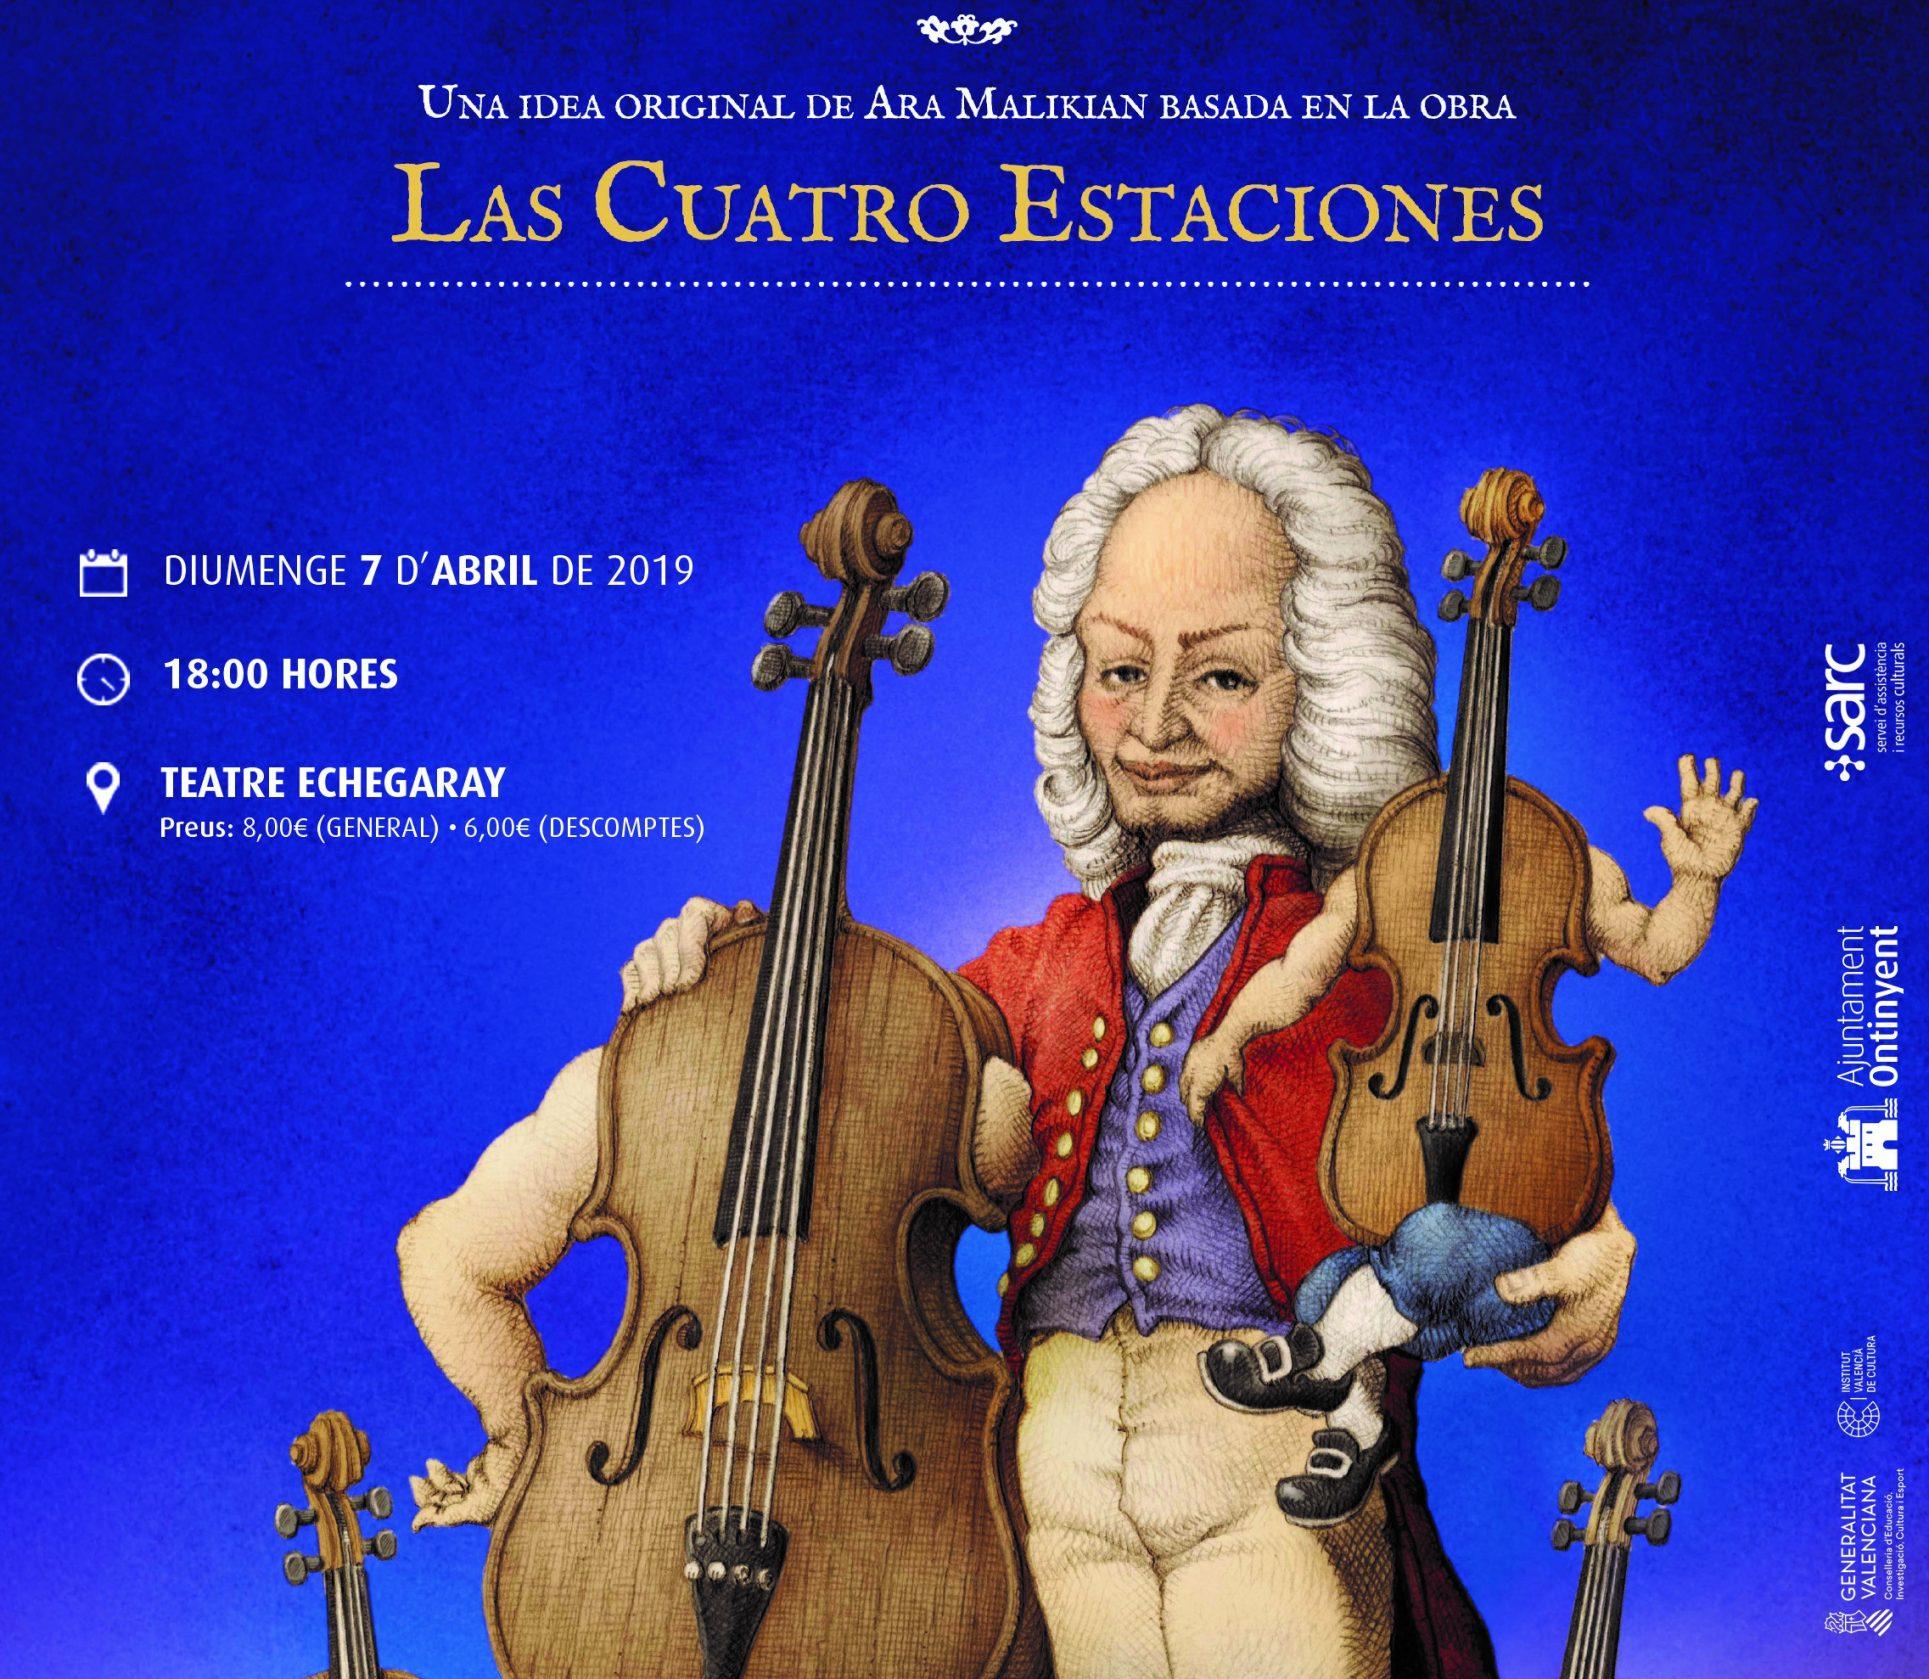 'Mi primer Vivaldi' produïda per Ara Malikian apropa la música clàssica als més menuts El Periòdic d'Ontinyent - Noticies a Ontinyent